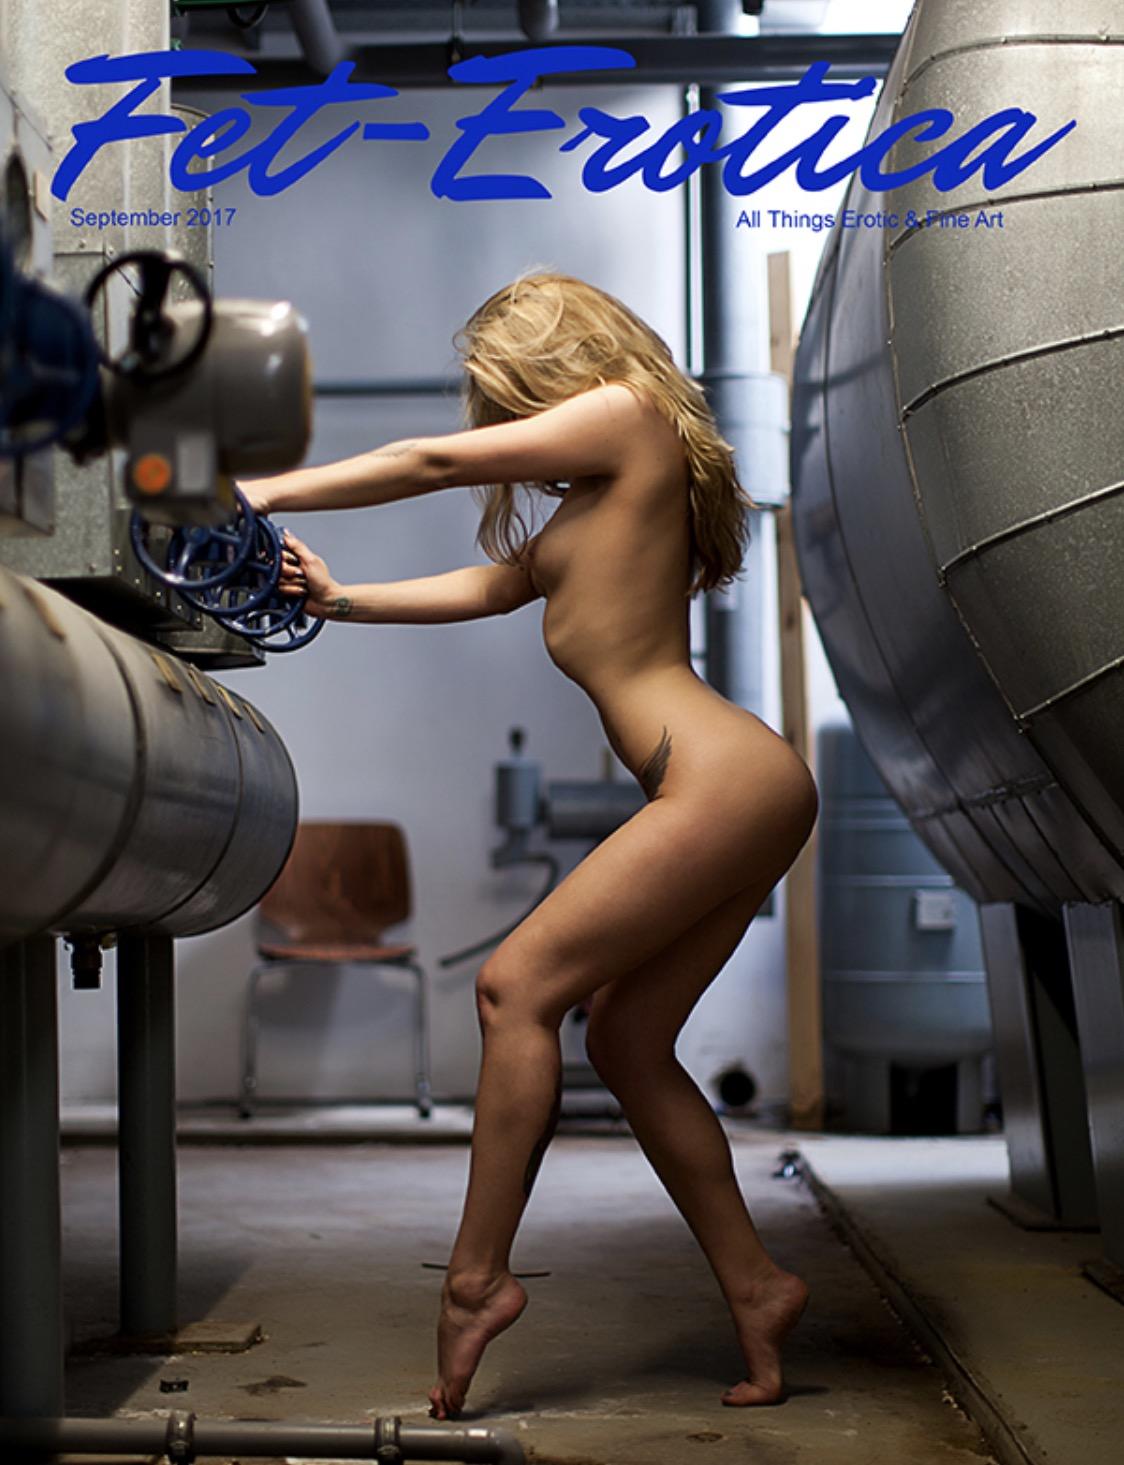 Issue 8 Erotica Cover